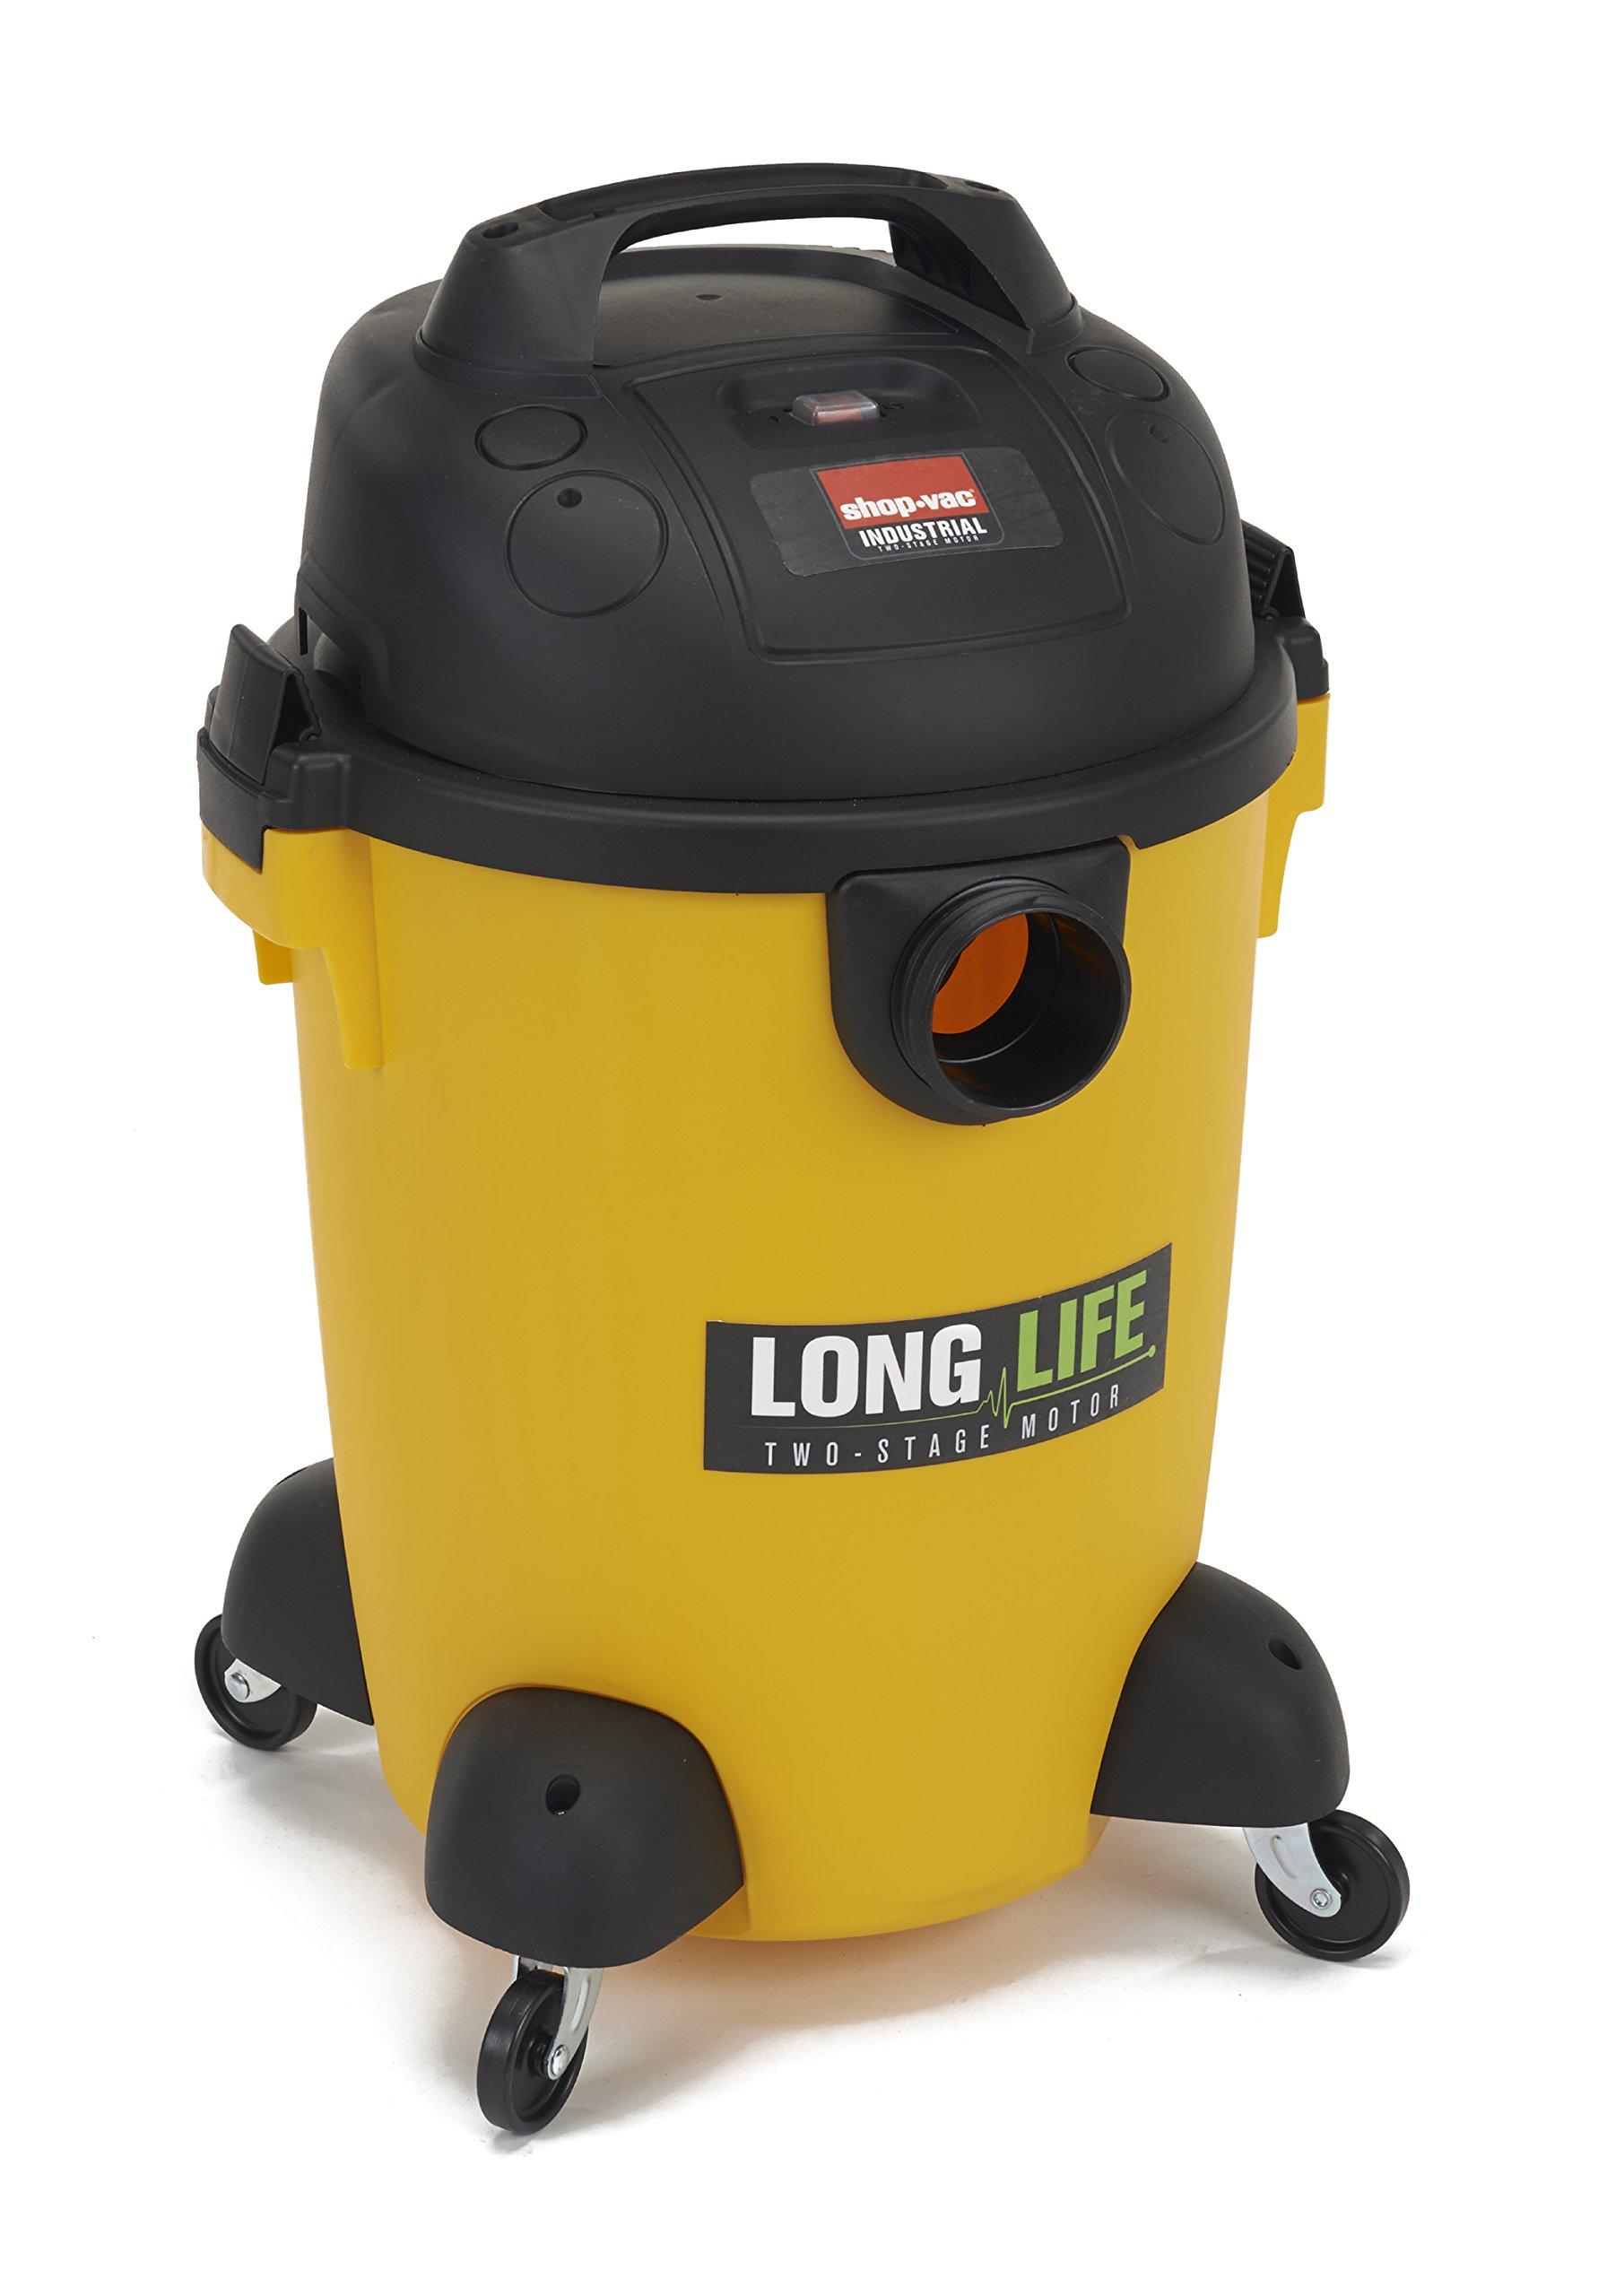 Shop-Vac 9272610 2.0 Peak HP Long Life Wet Dry Vacuum, 6-Gallon